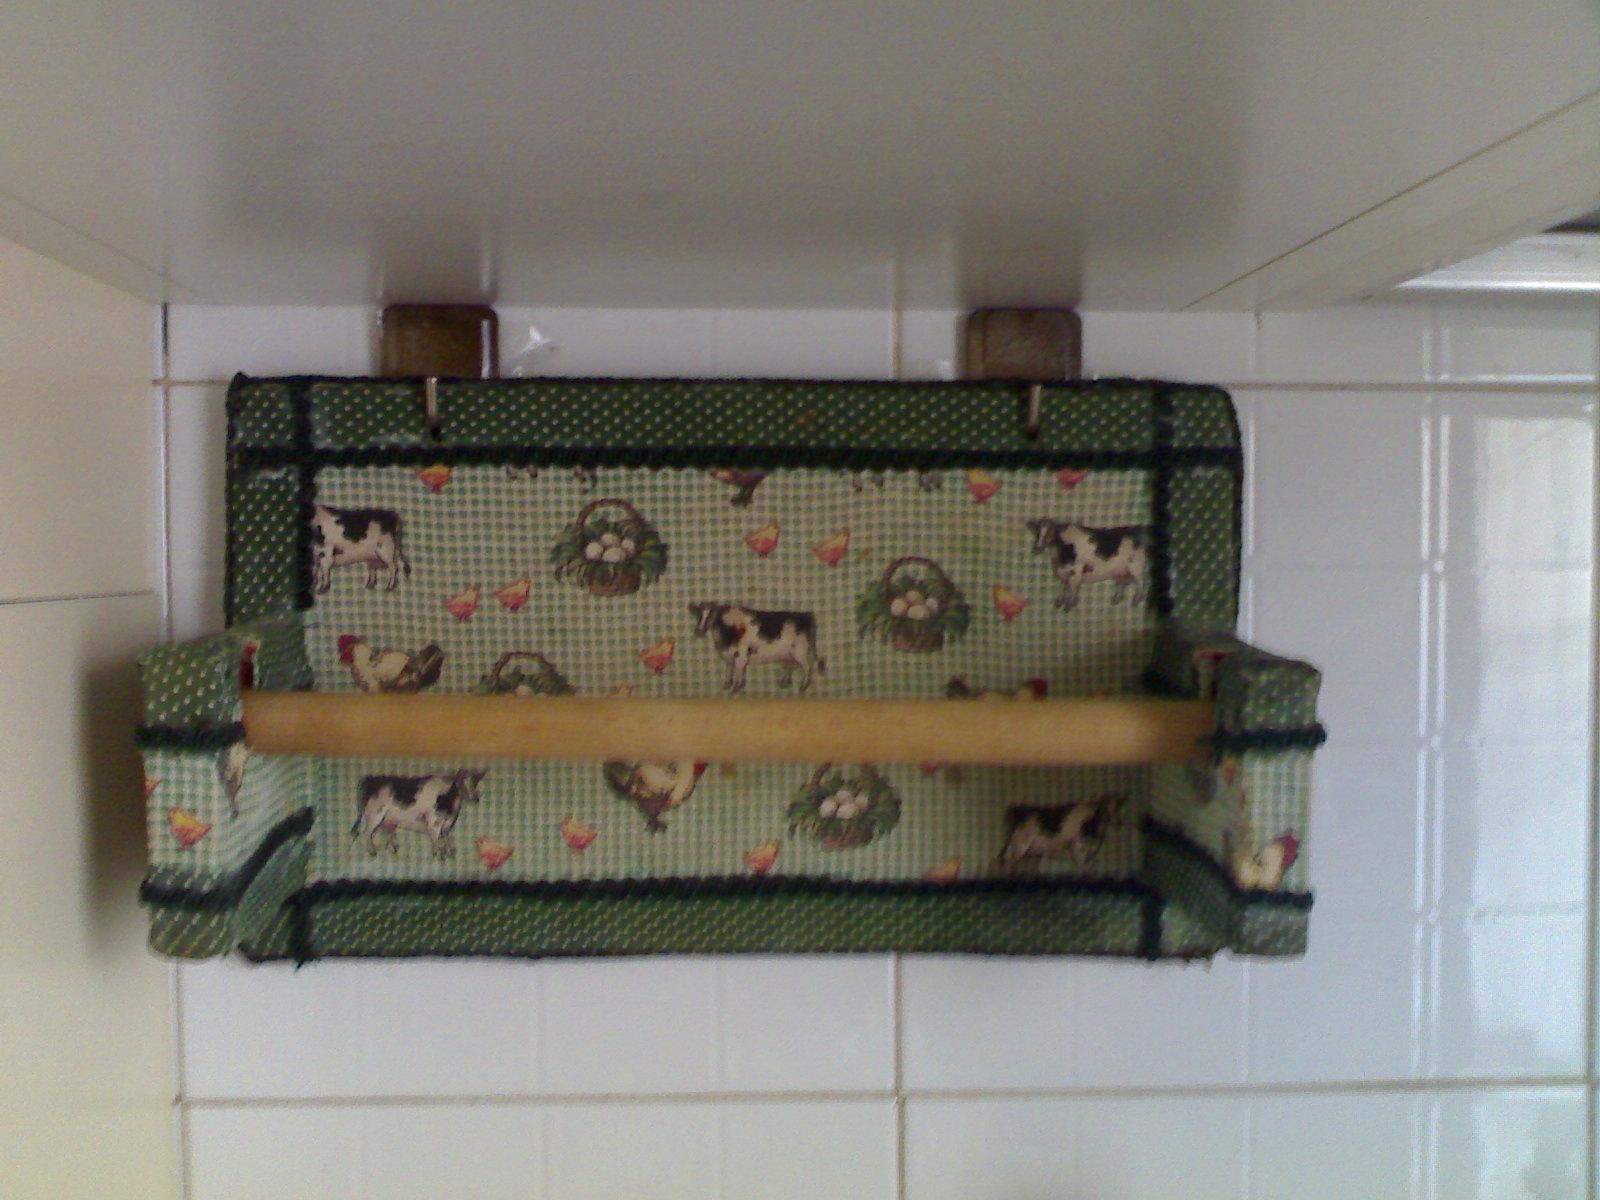 Laboratorio Di Zia Polly: Nuovo Look Al Porta Rotolo Da Cucina #624C3C 1600 1200 Armadietti Cucina Fai Da Te